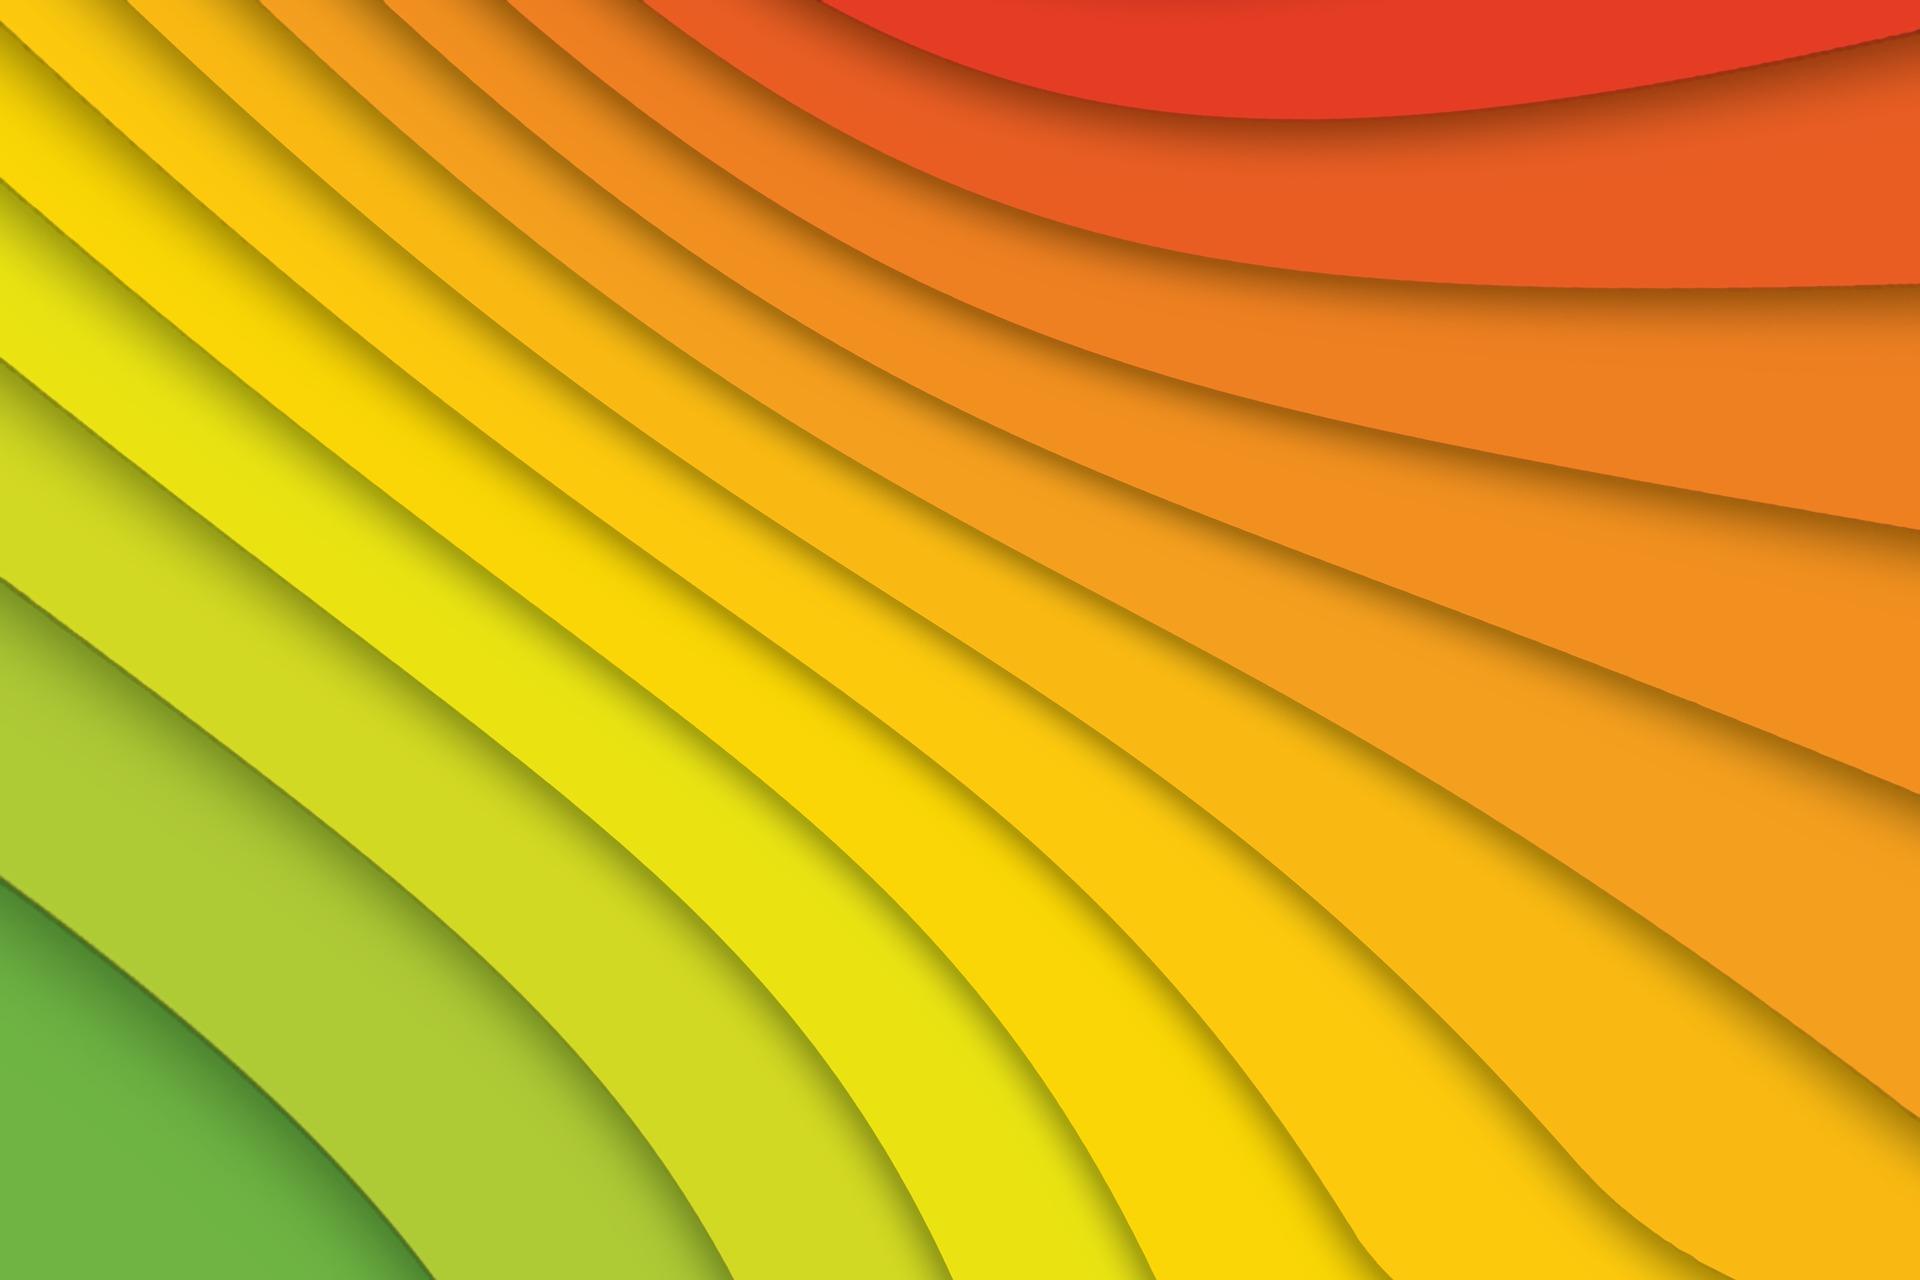 Samsung Galaxy S8 Wallpaper Hd Fondo De Pantalla De Patr 243 N L 237 Neas Colores Torsi 243 N